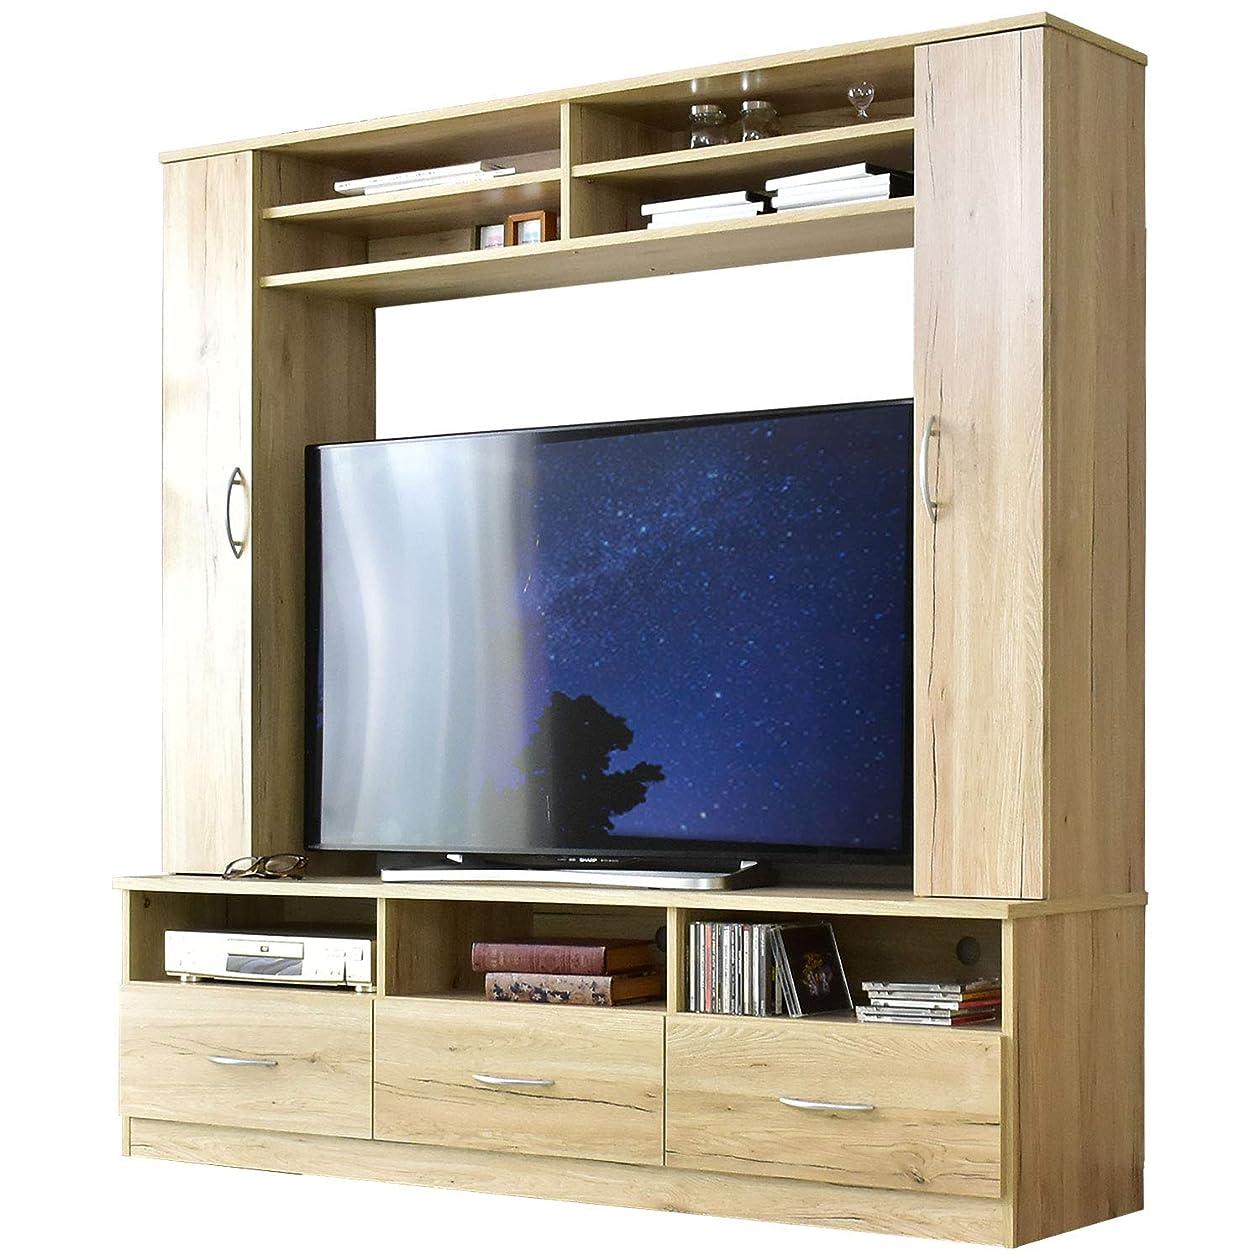 にもかかわらずそよ風批評DORIS テレビ台 壁面収納 一体型 幅160cm テレビボード TVボード 46型対応 壁面ユニット 引き出し オープン収納 扉収納 組立式 ナチュラル ヴァント